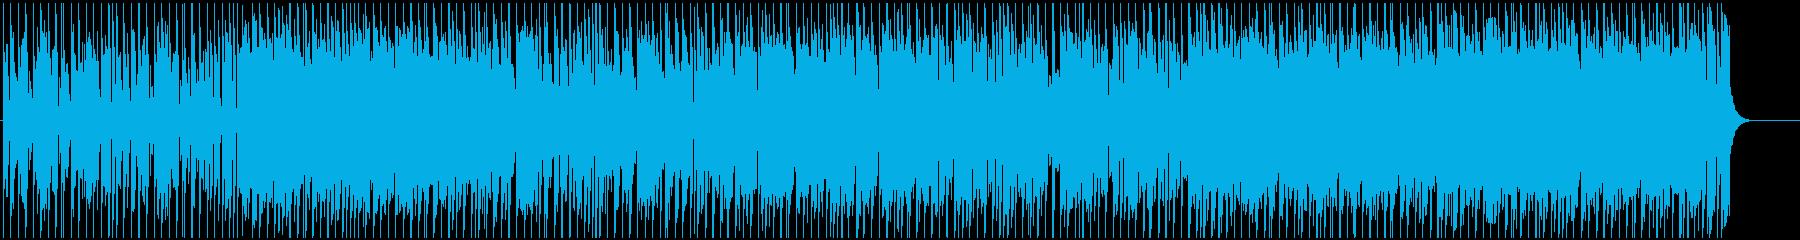 お洒落でミステリアスなメロディーの再生済みの波形